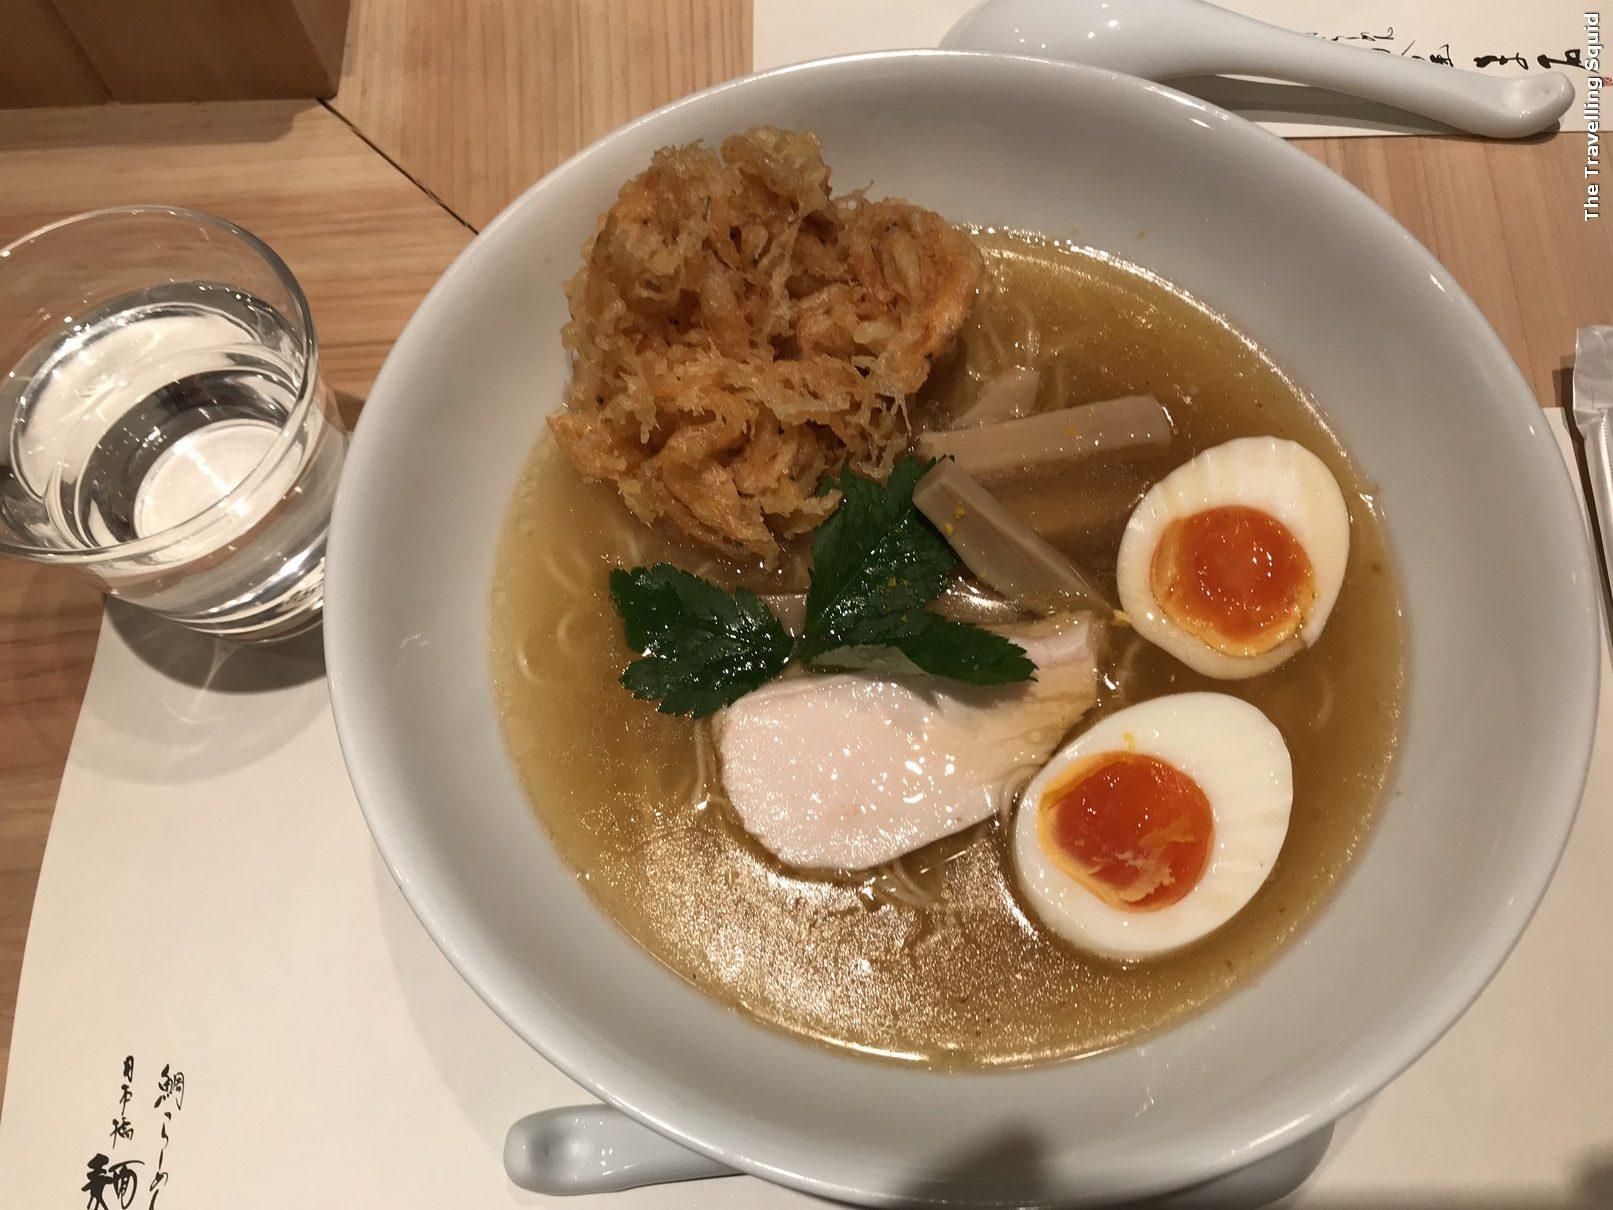 sea bream ramen at Menya Maishi in Ginza Tokyo